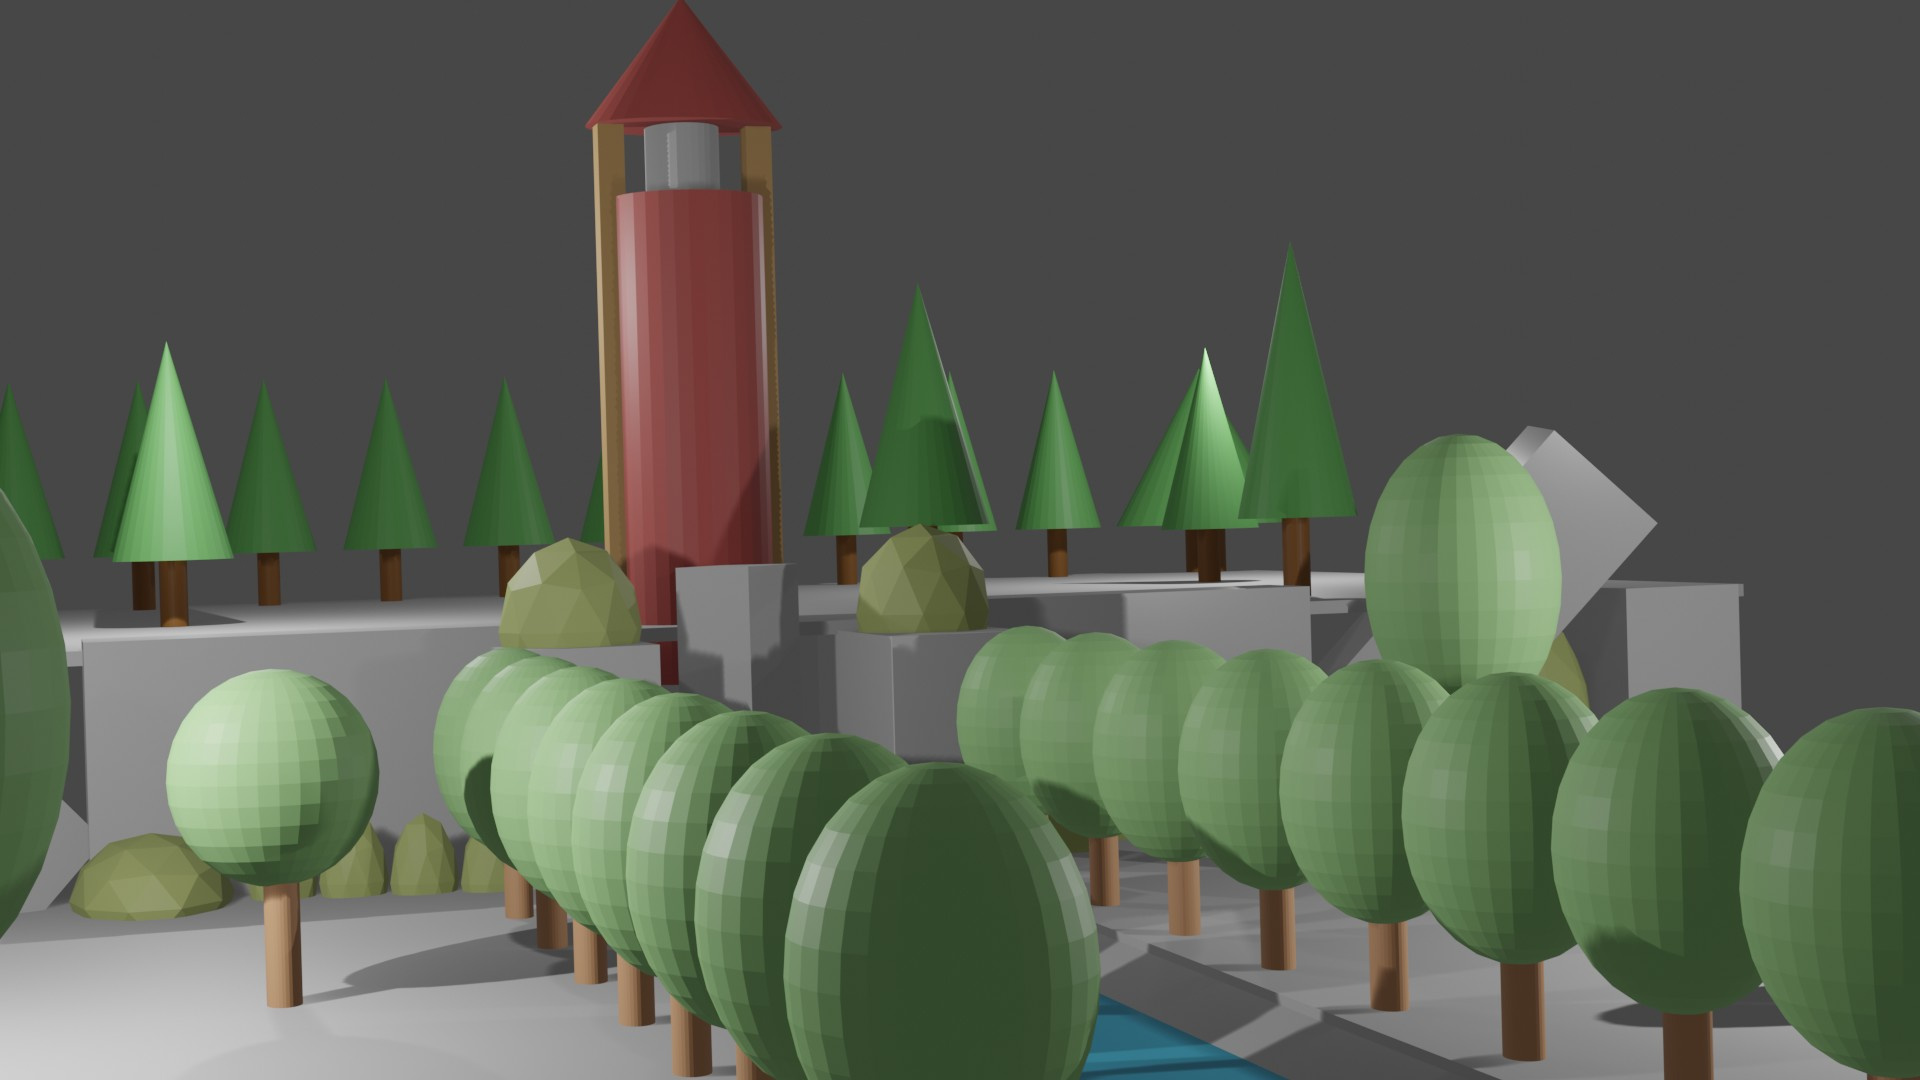 (MAR 3RD) TreeForestFinalImage2.jpg